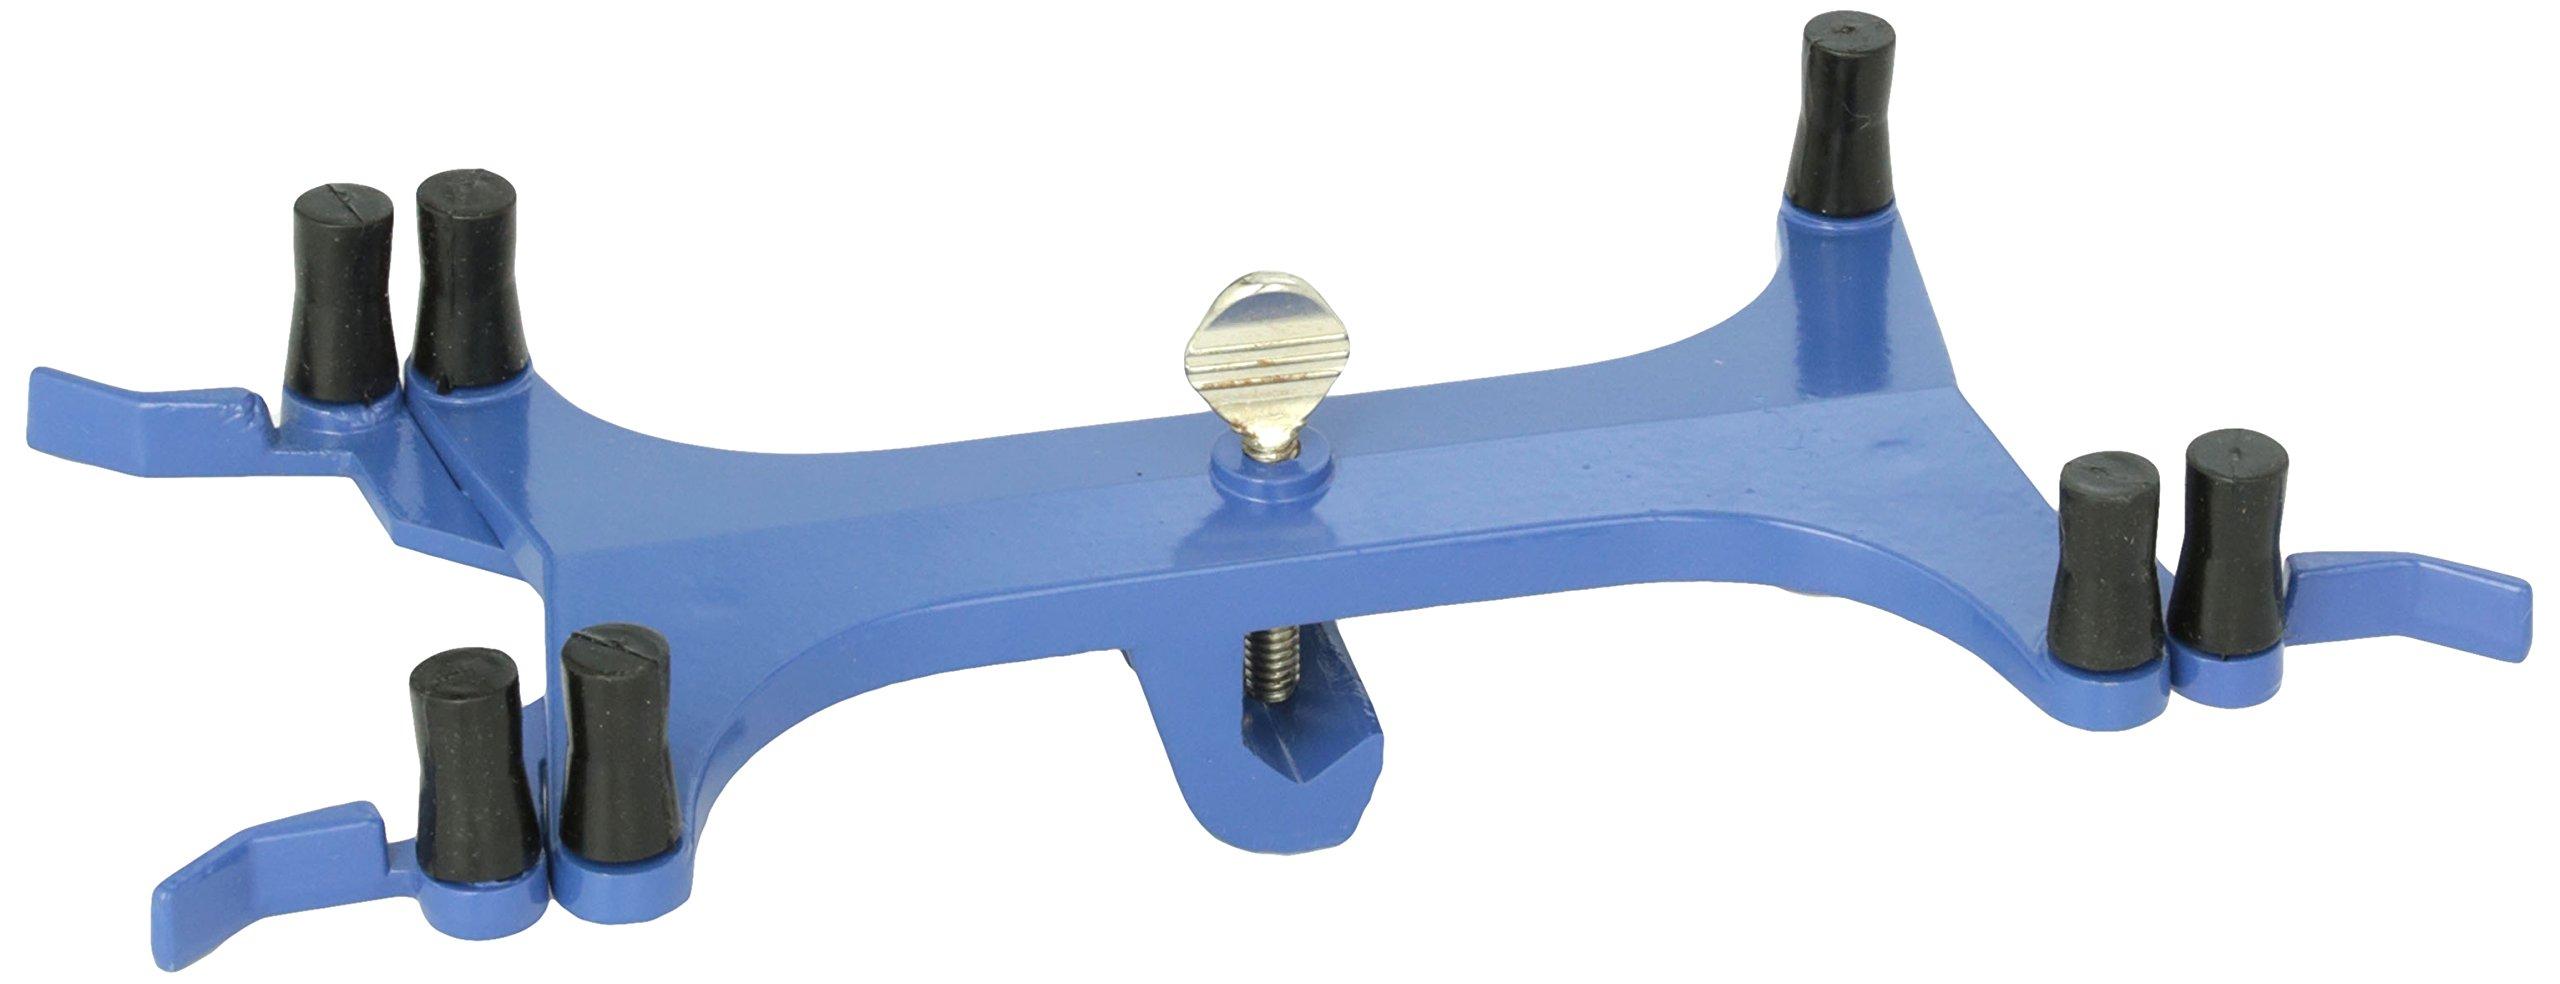 United Scientific CLBURDD Die Casted Aluminum Double Buret Clamp